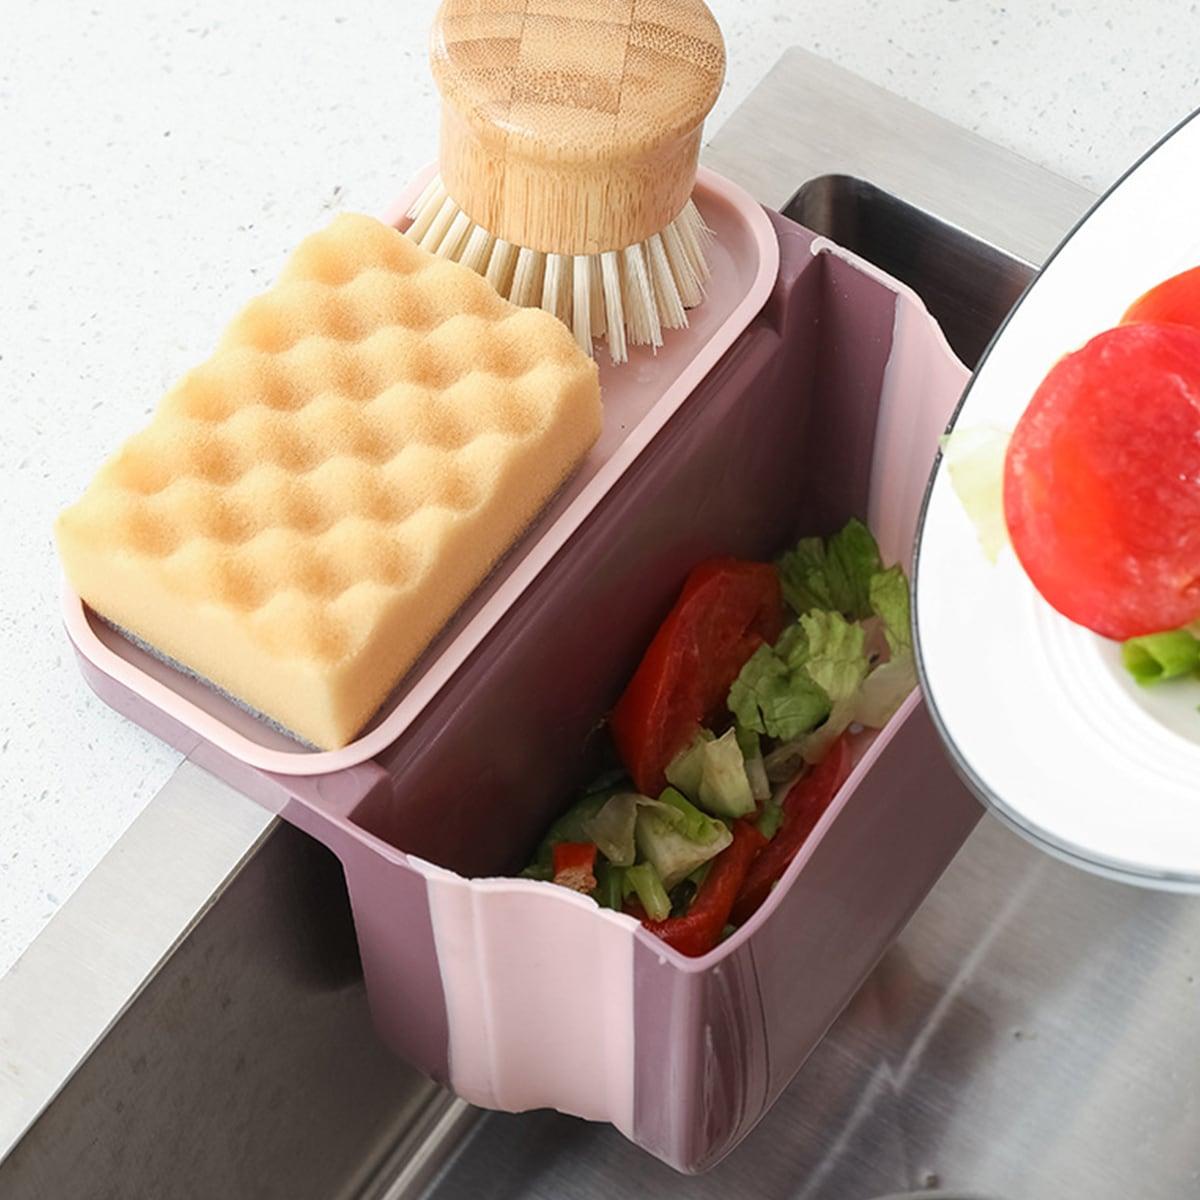 1шт кухонный стеллаж для хранения слива